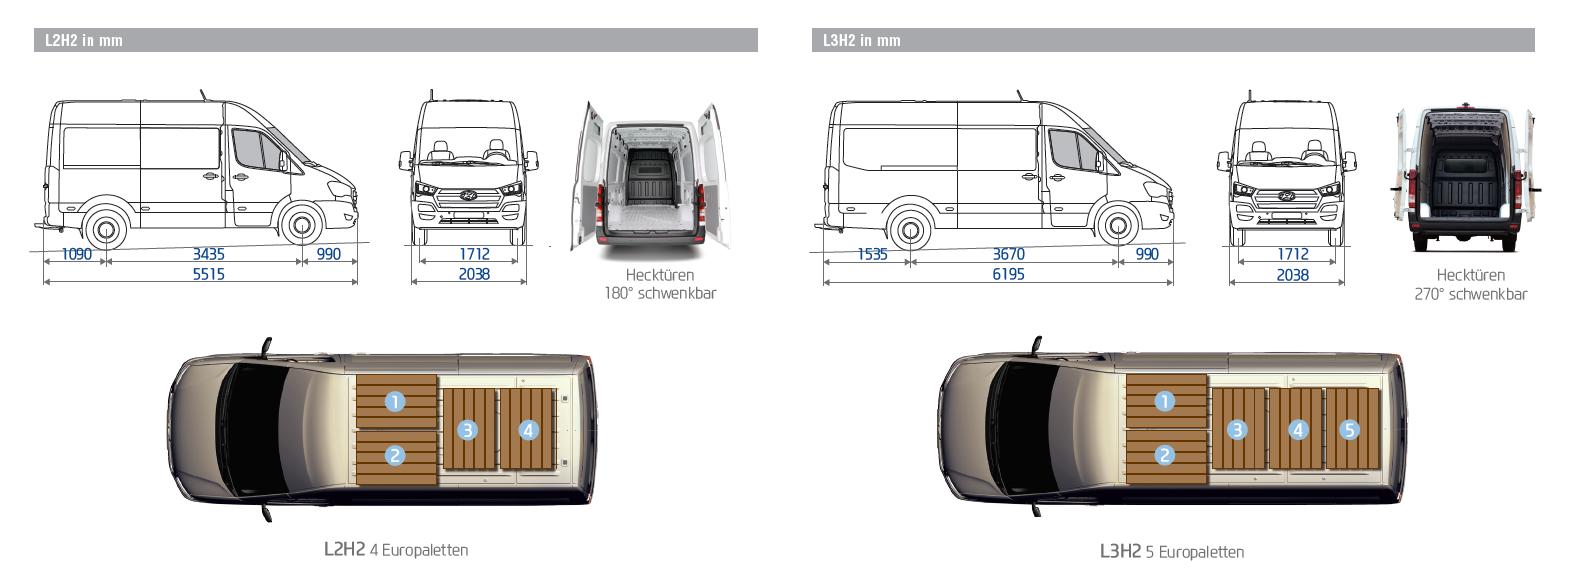 Abmessungen des Hyundai H350 H2L2 und H2L3